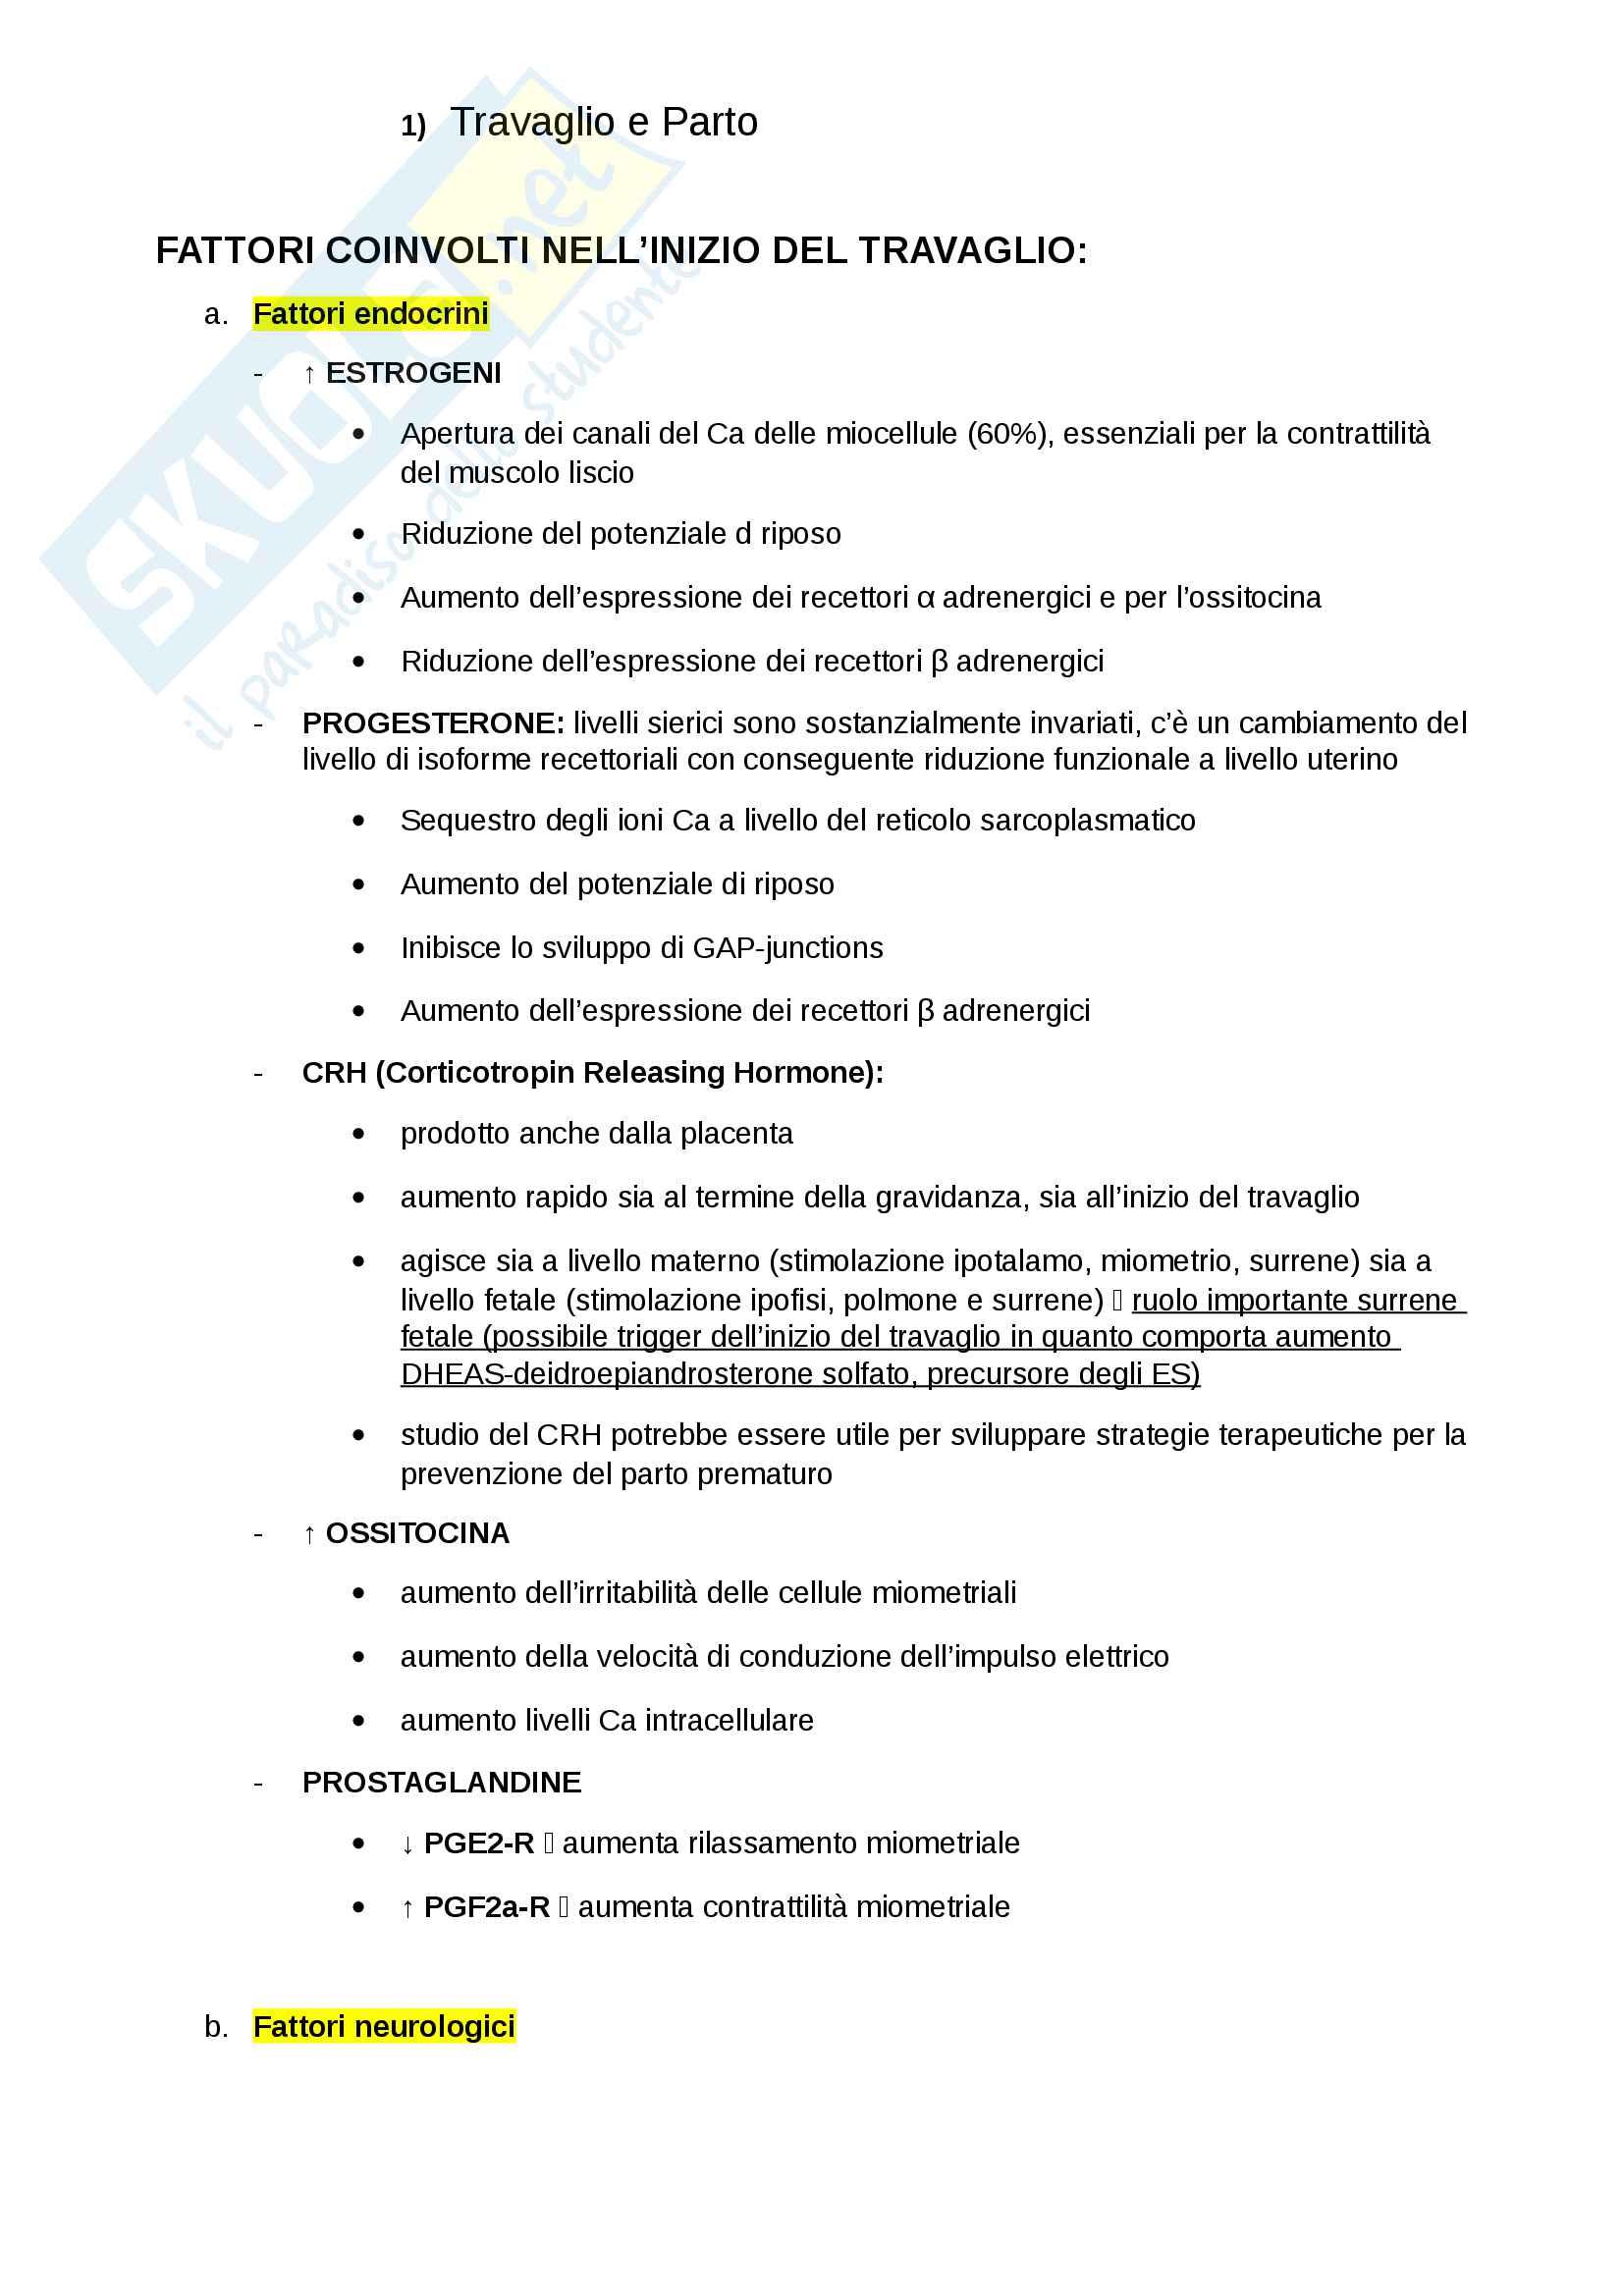 Schemi Gineco (Travaglio-Parto, Ipertensione in gravidanza, Diabete gestazionale, Screening HPV)